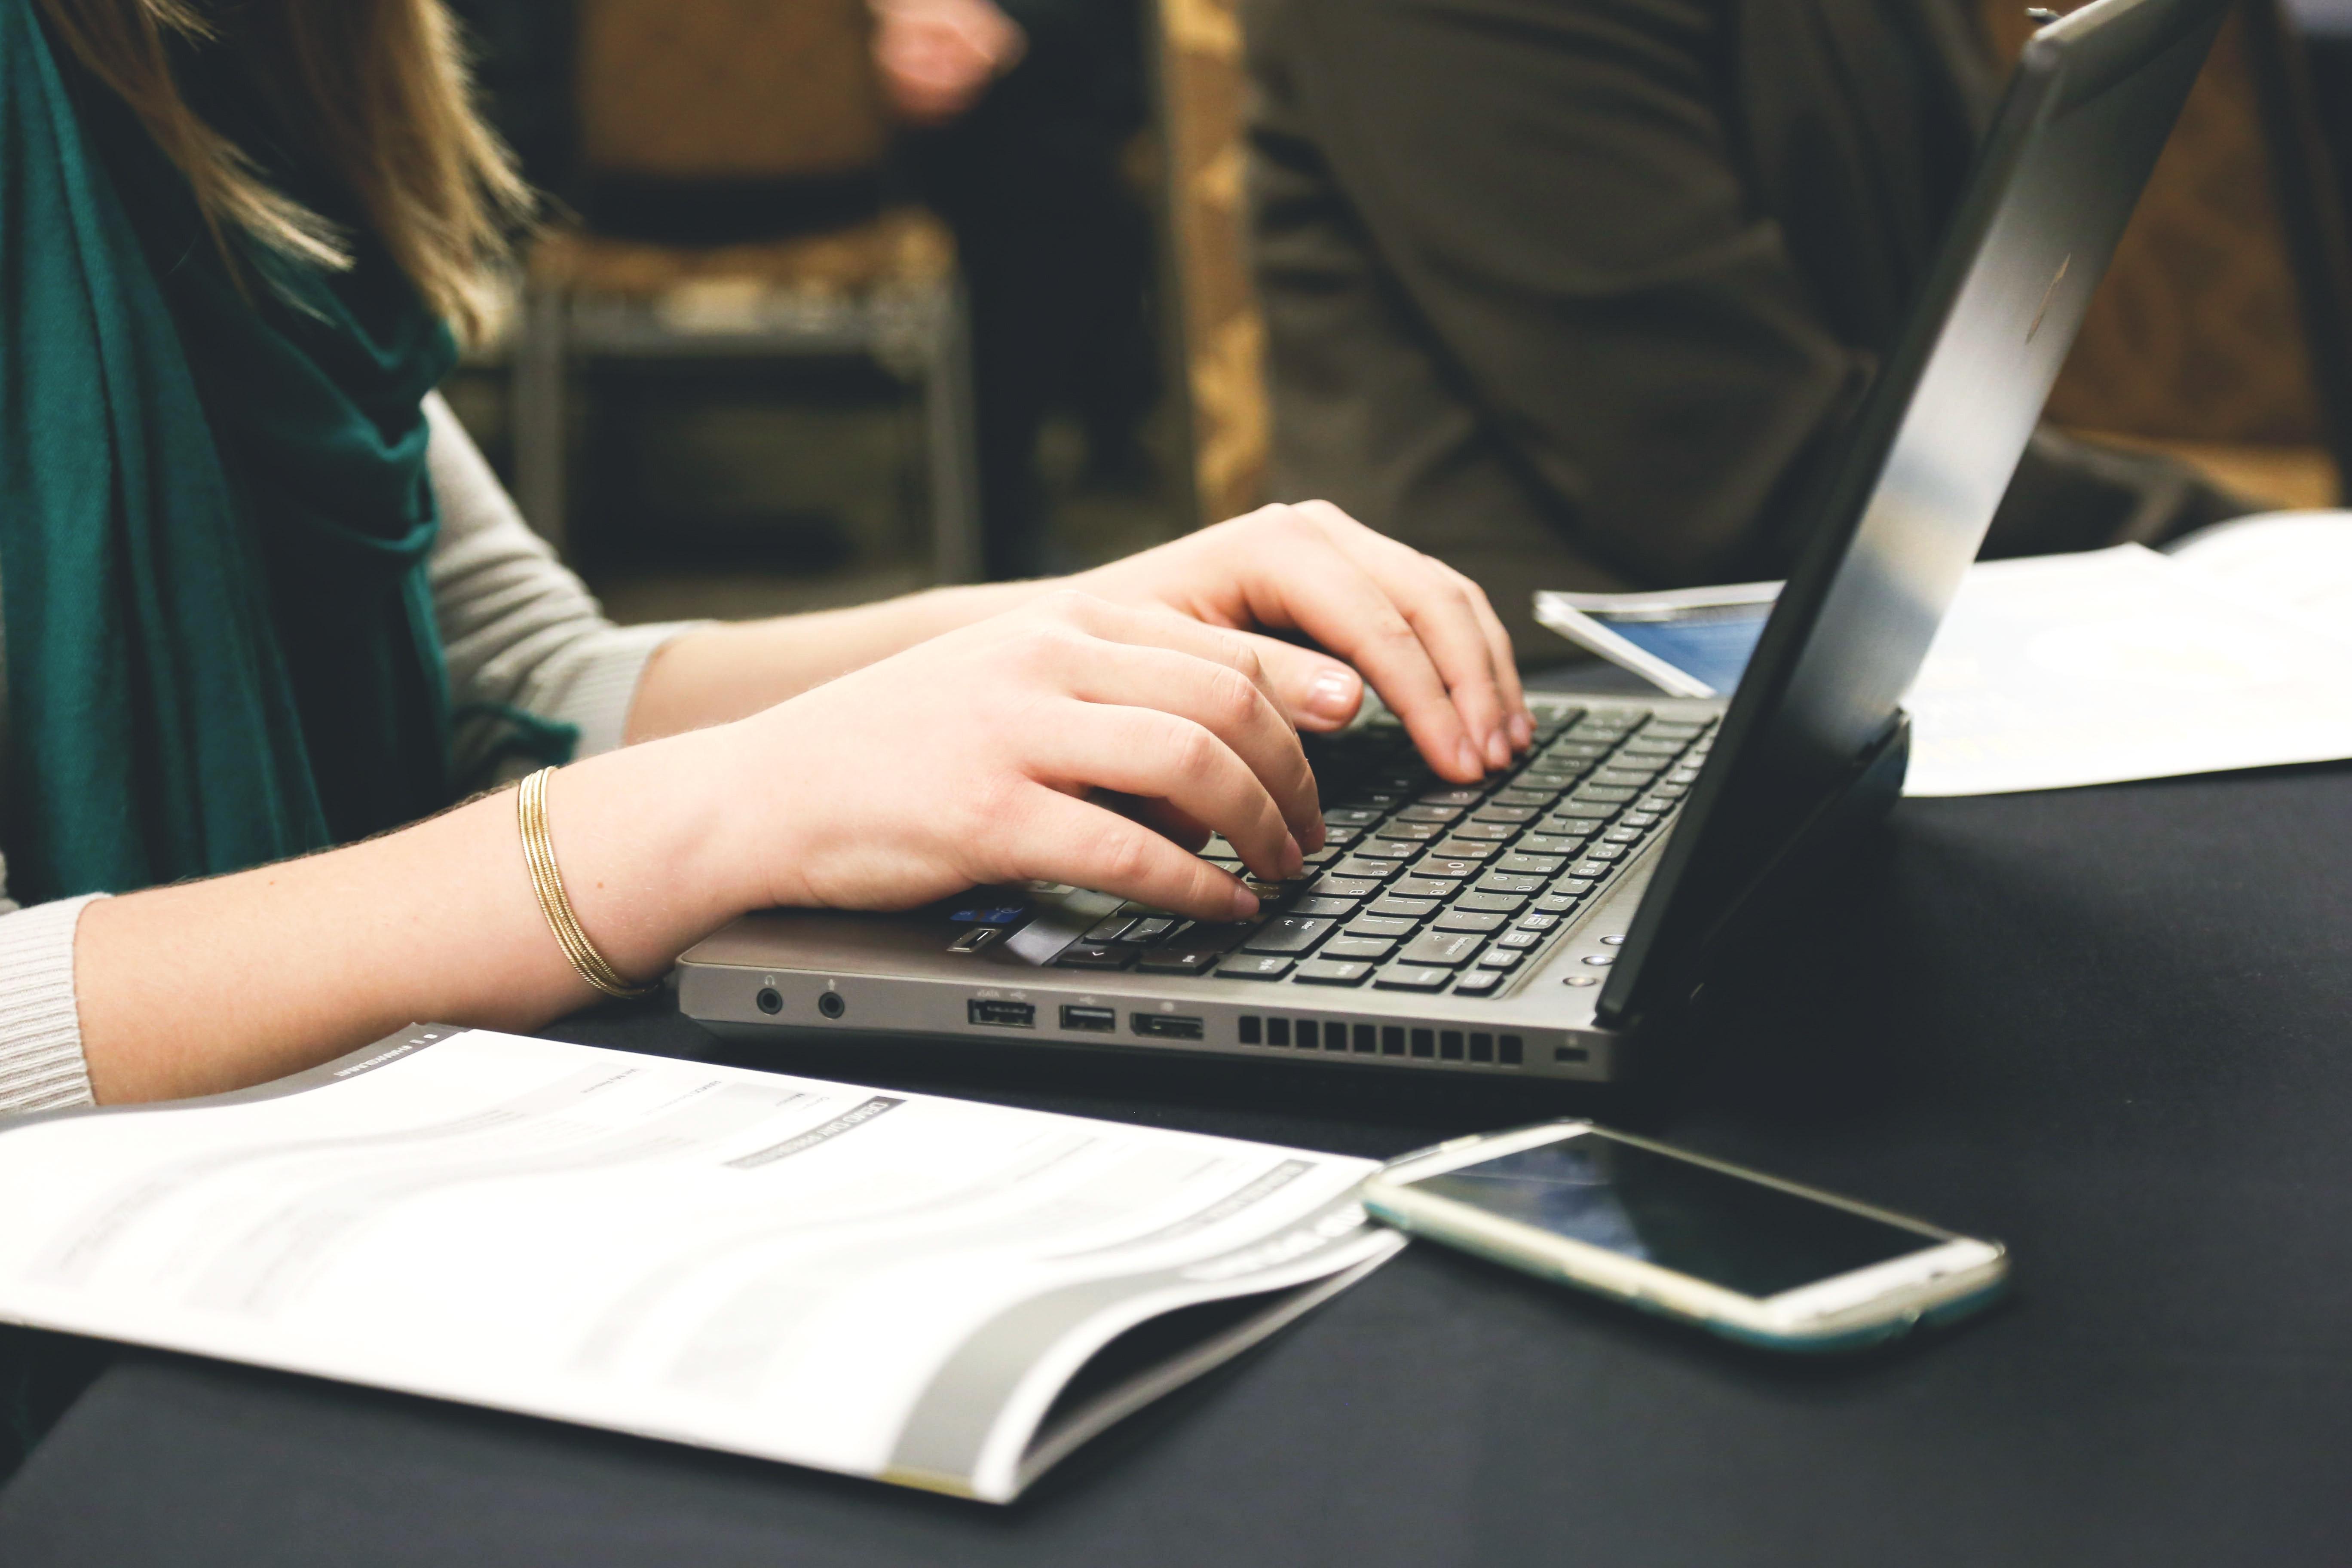 computer-desk-email-7112 (1).jpg